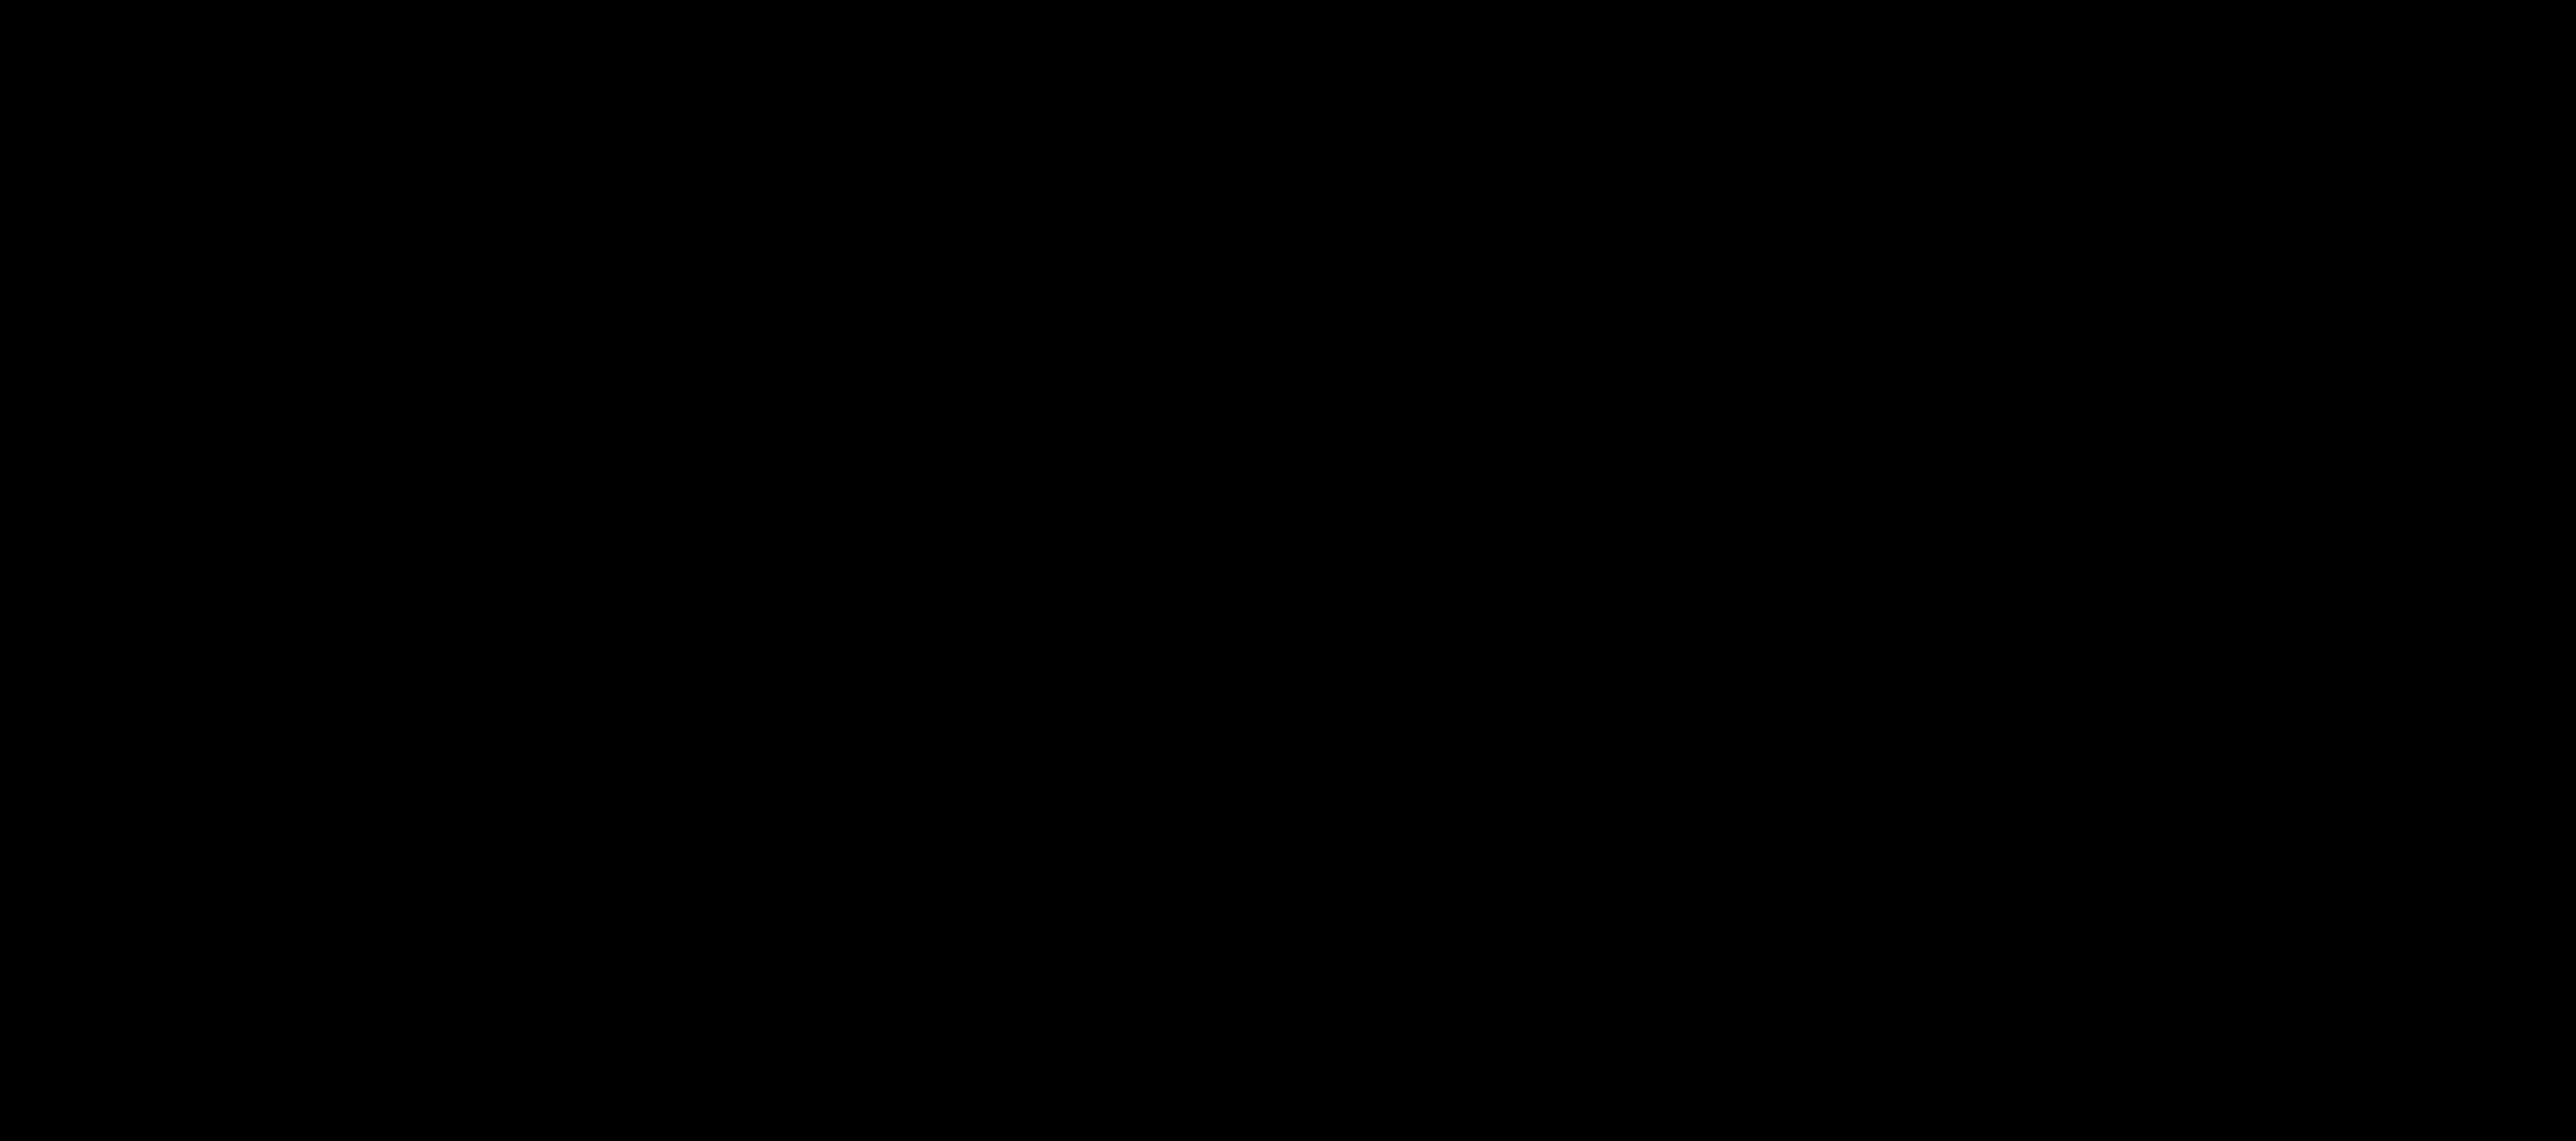 M-150-3 | El cilindro fuelle más grande de Oria